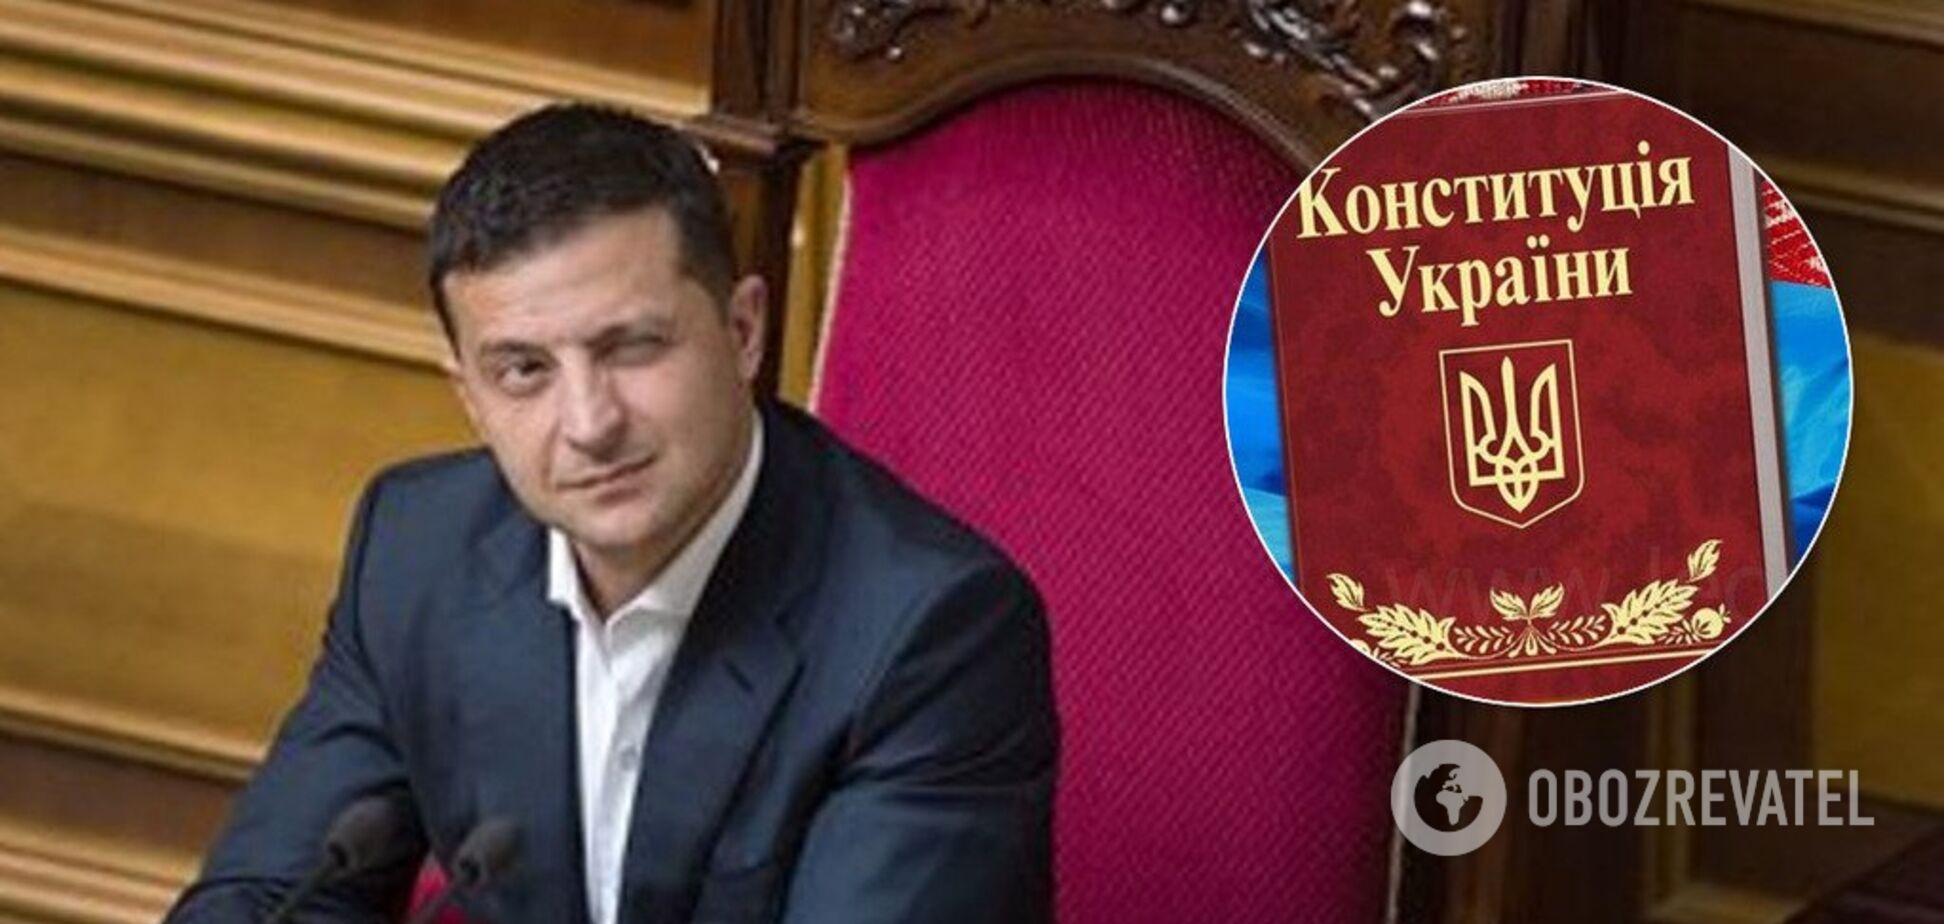 'Это узурпация!' Главари 'Л/ДНР' накинулись на Зеленского из-за громкого законопроекта